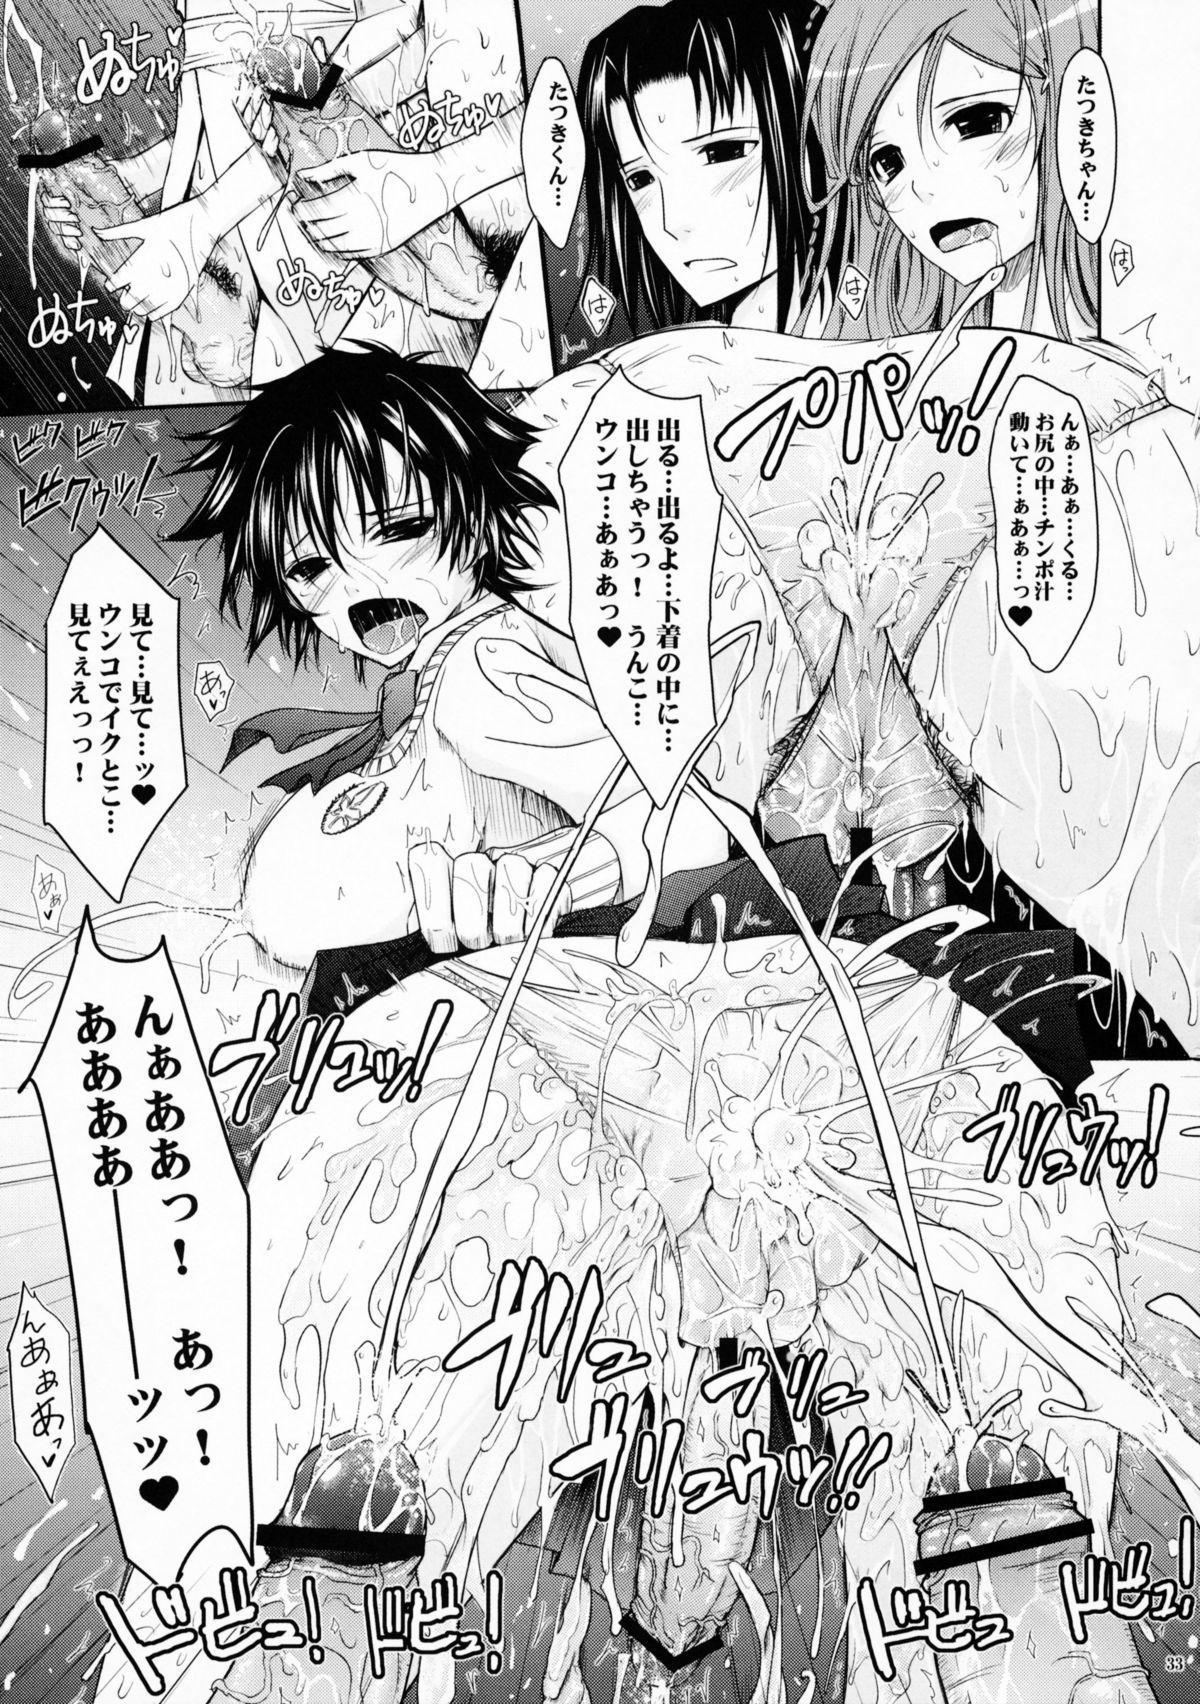 (C75) [Garyuh Chitai (TANA)] Aki-Akane -Kouhen 1- (Bleach) 31